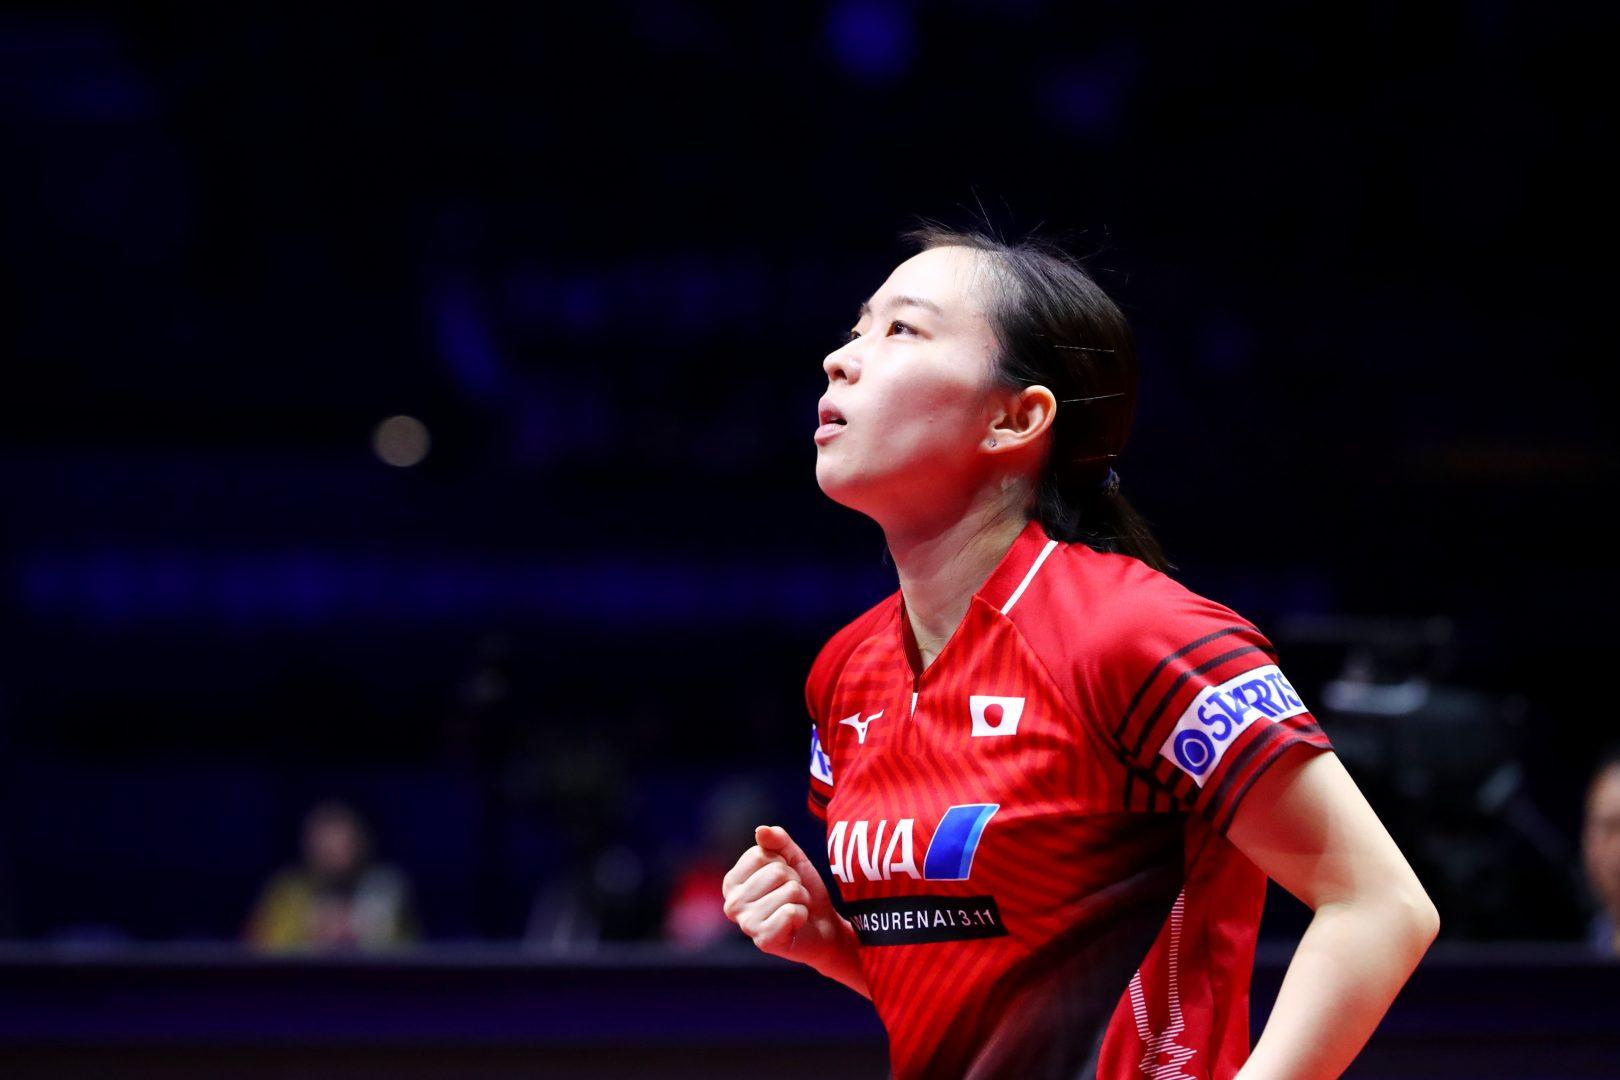 3度目五輪へ石川佳純「最高のプレーをしたい」 ロンドン、リオではメダル獲得